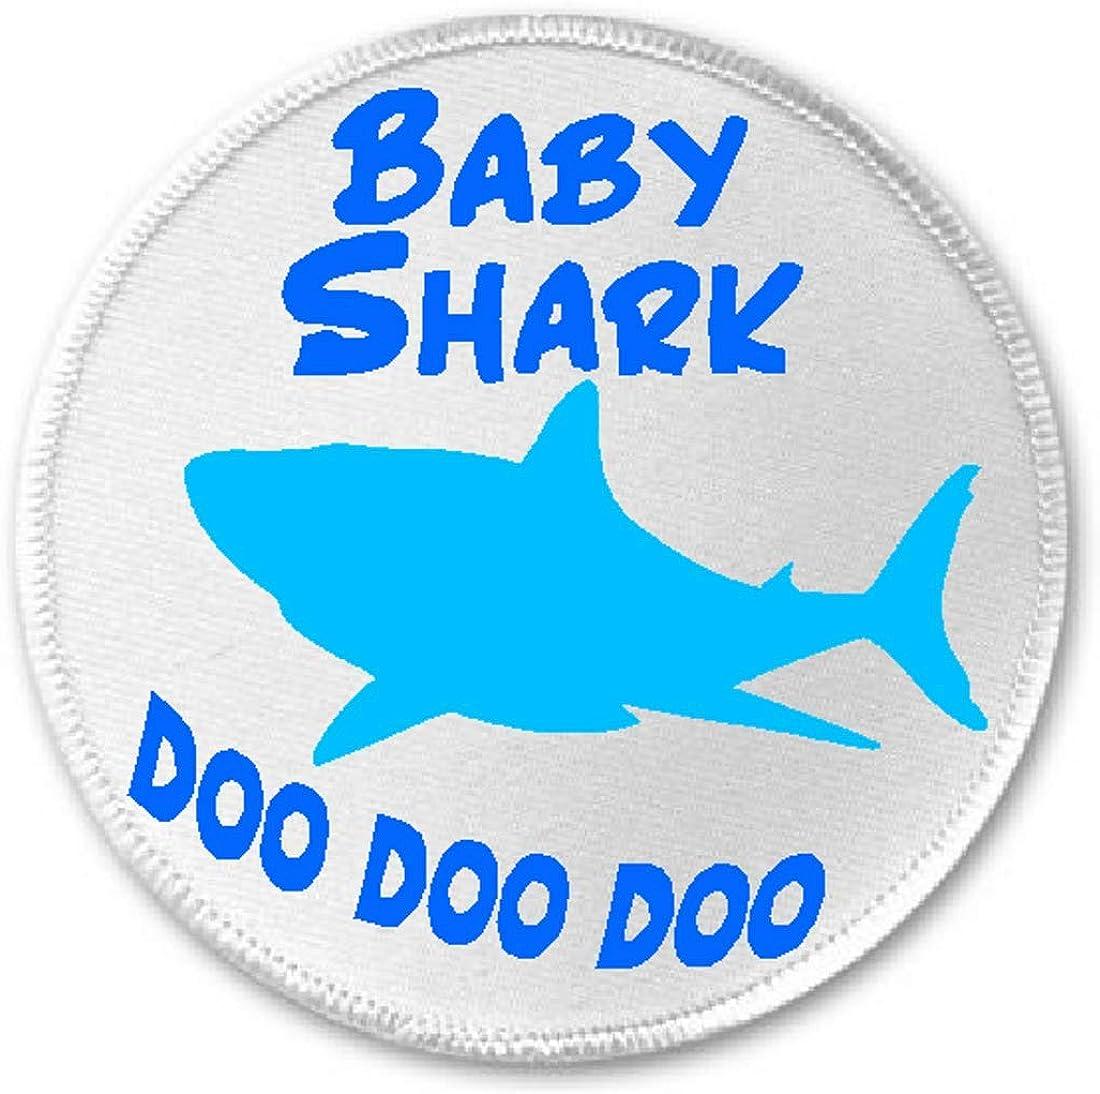 """Baby Shark Doo Doo Doo - 3"""" Sew/Iron On Patch Song Meme Kids Humor"""